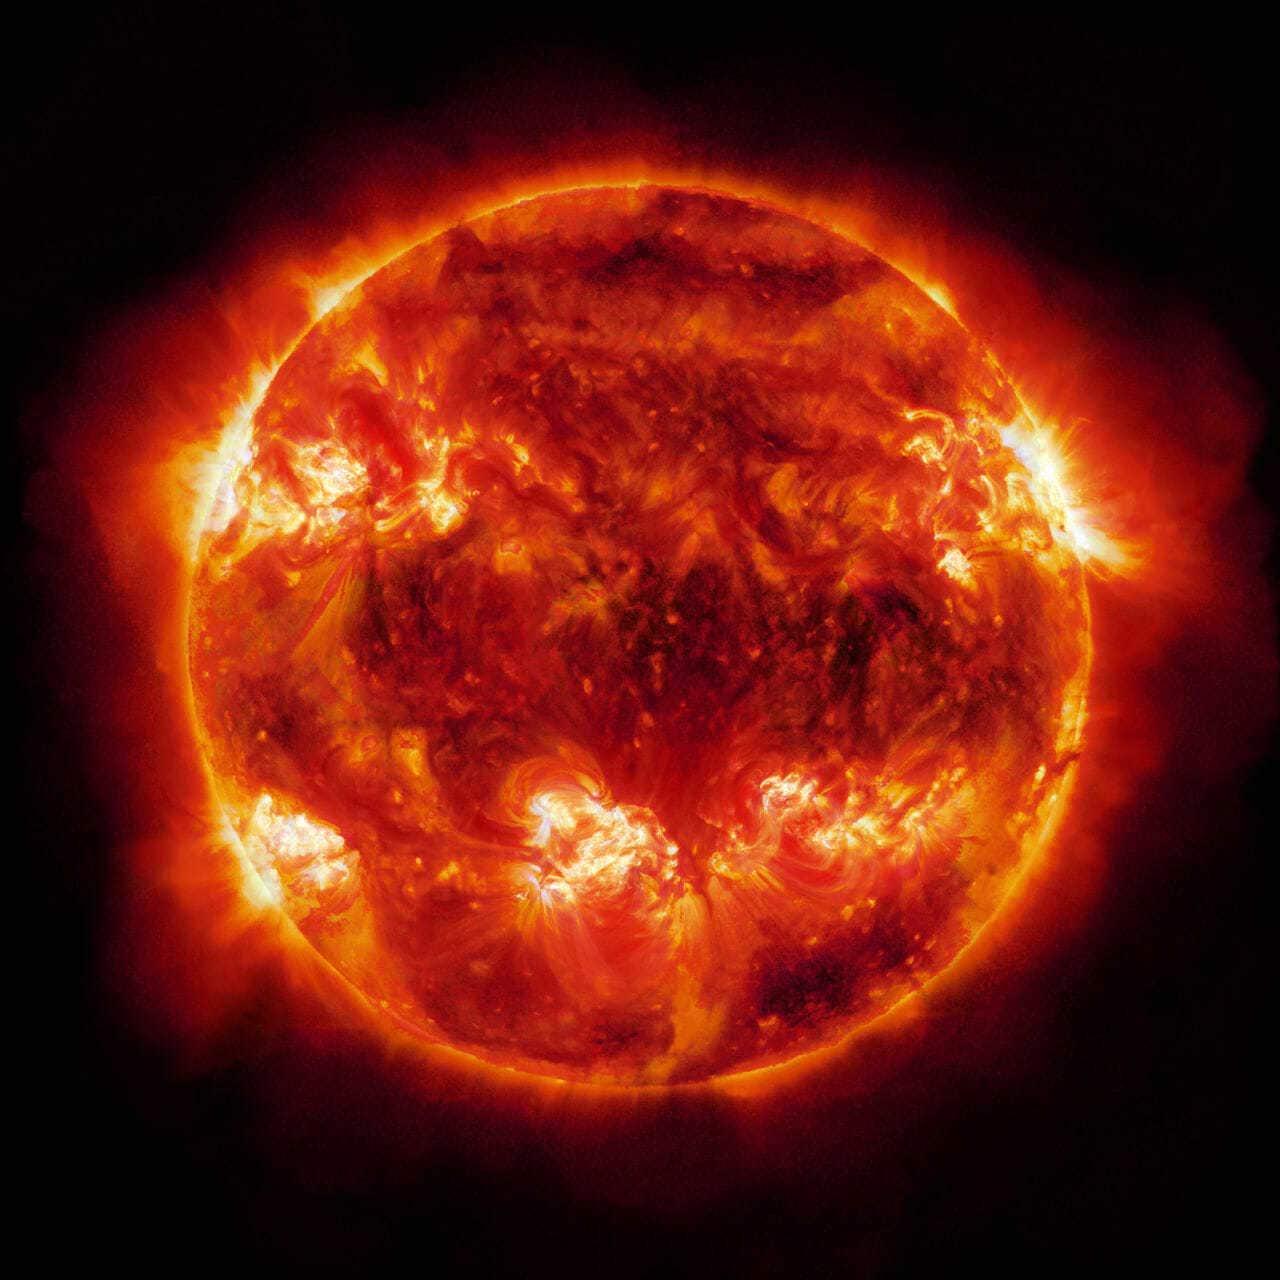 Вращение и пульсация Солнца - описание, фото и видео